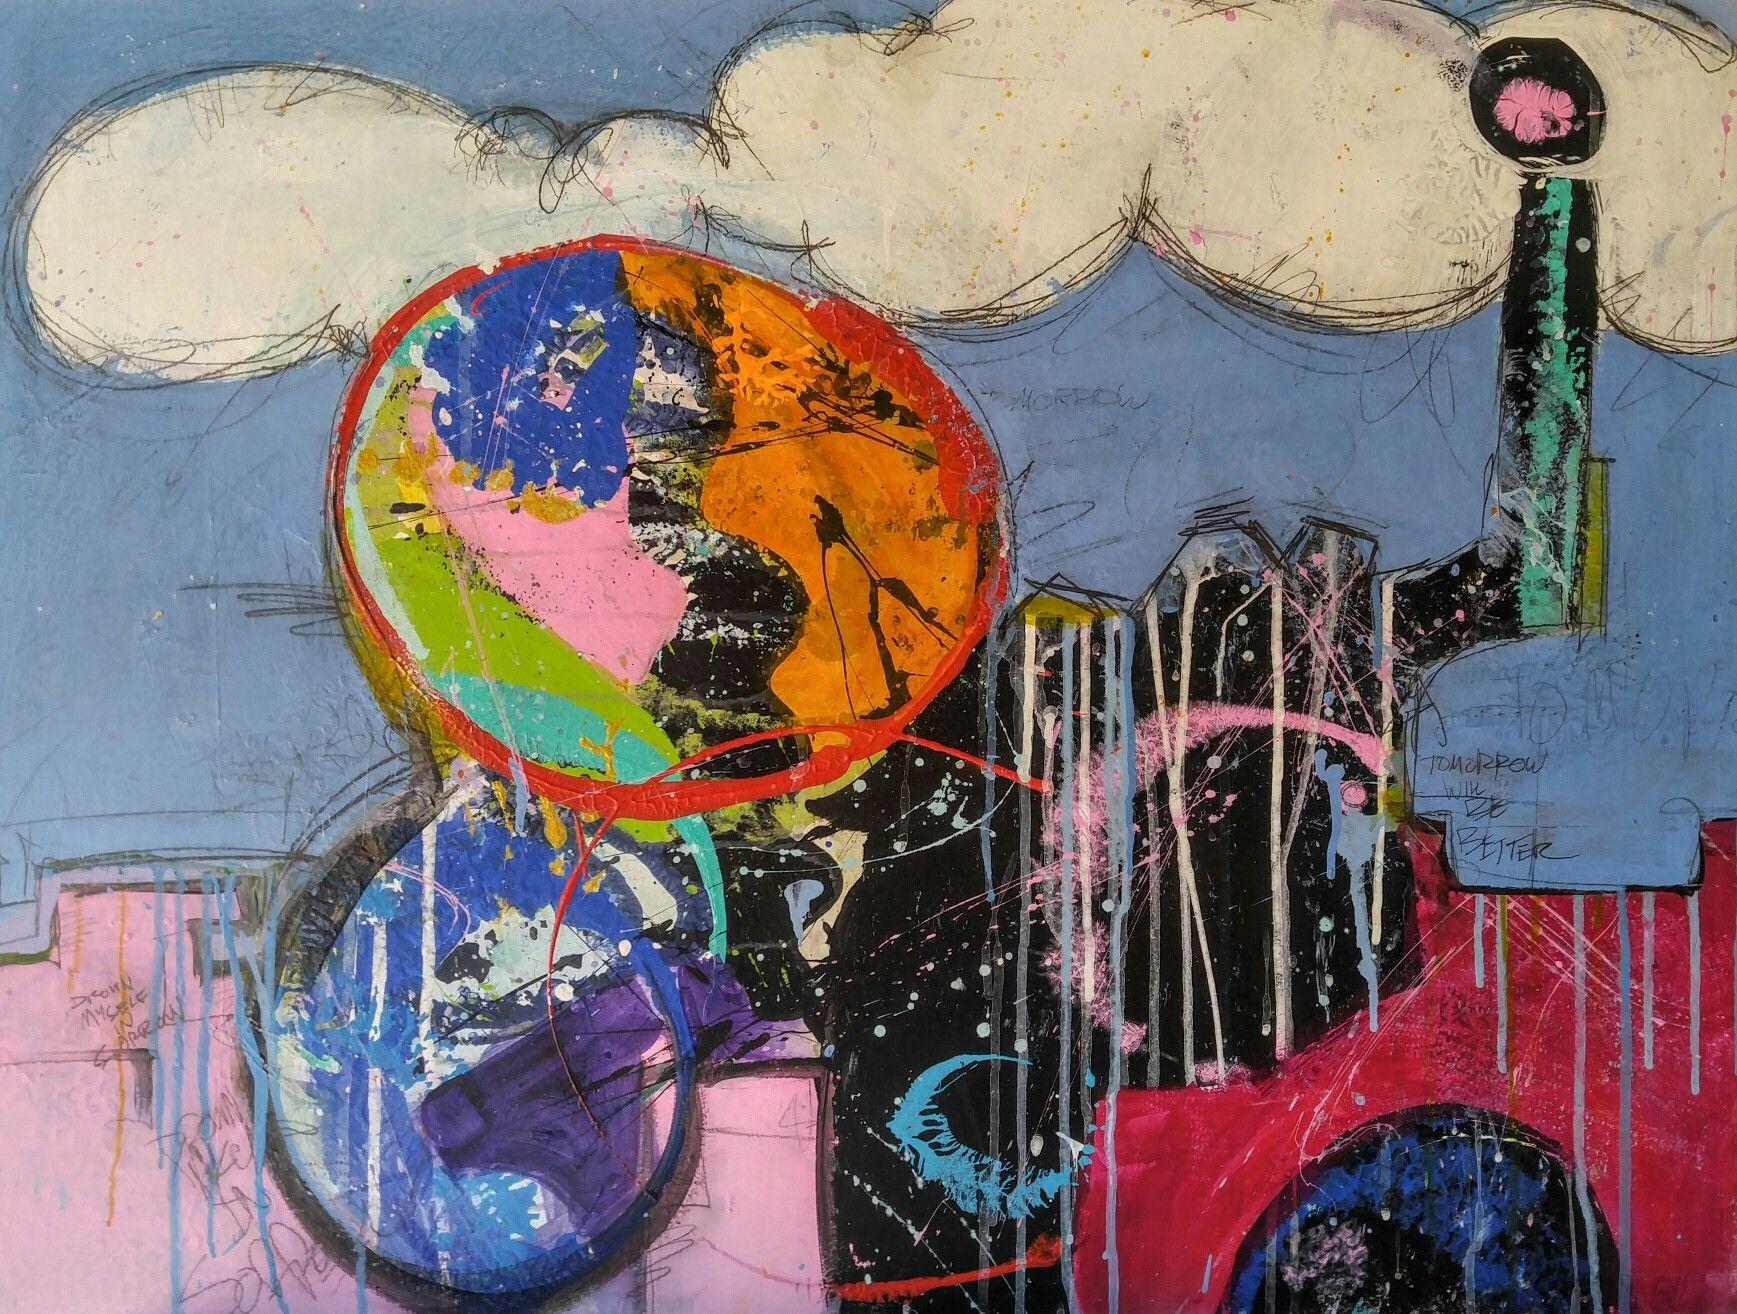 Pin By Aaron Klingensmith On Aaron K Art